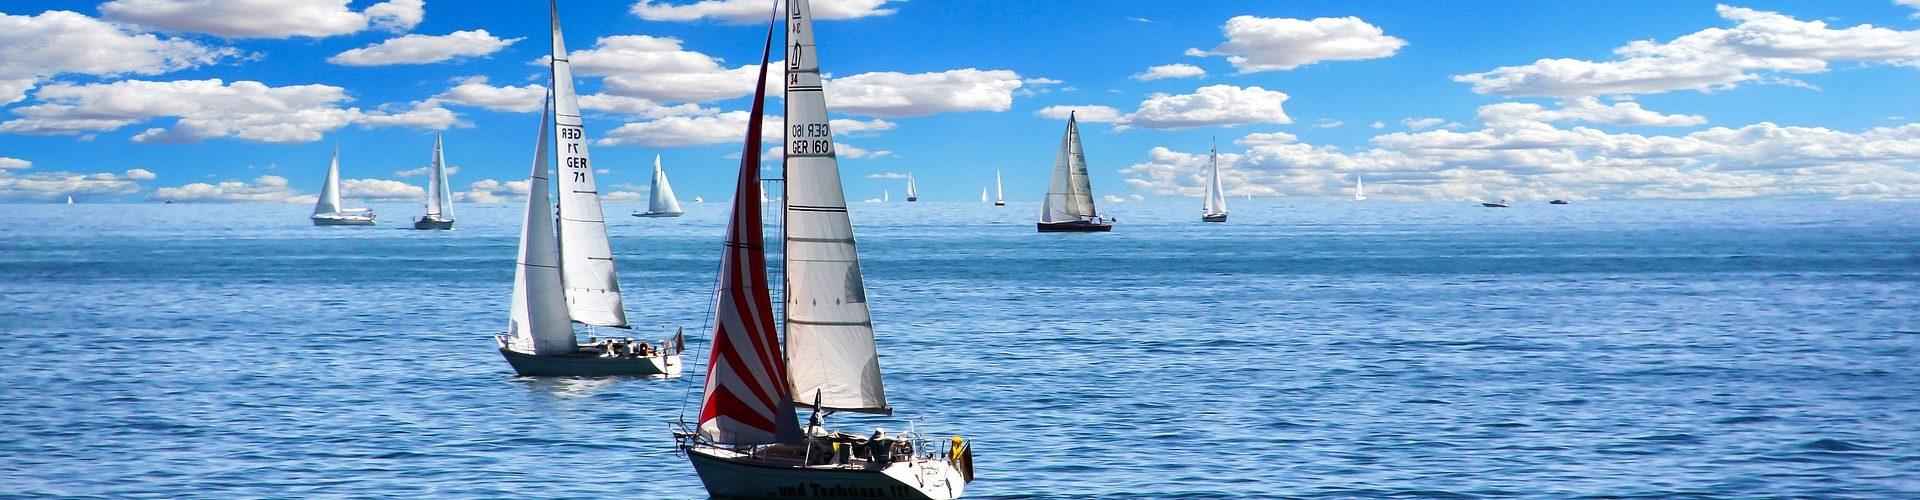 segeln lernen in Freilassing segelschein machen in Freilassing 1920x500 - Segeln lernen in Freilassing